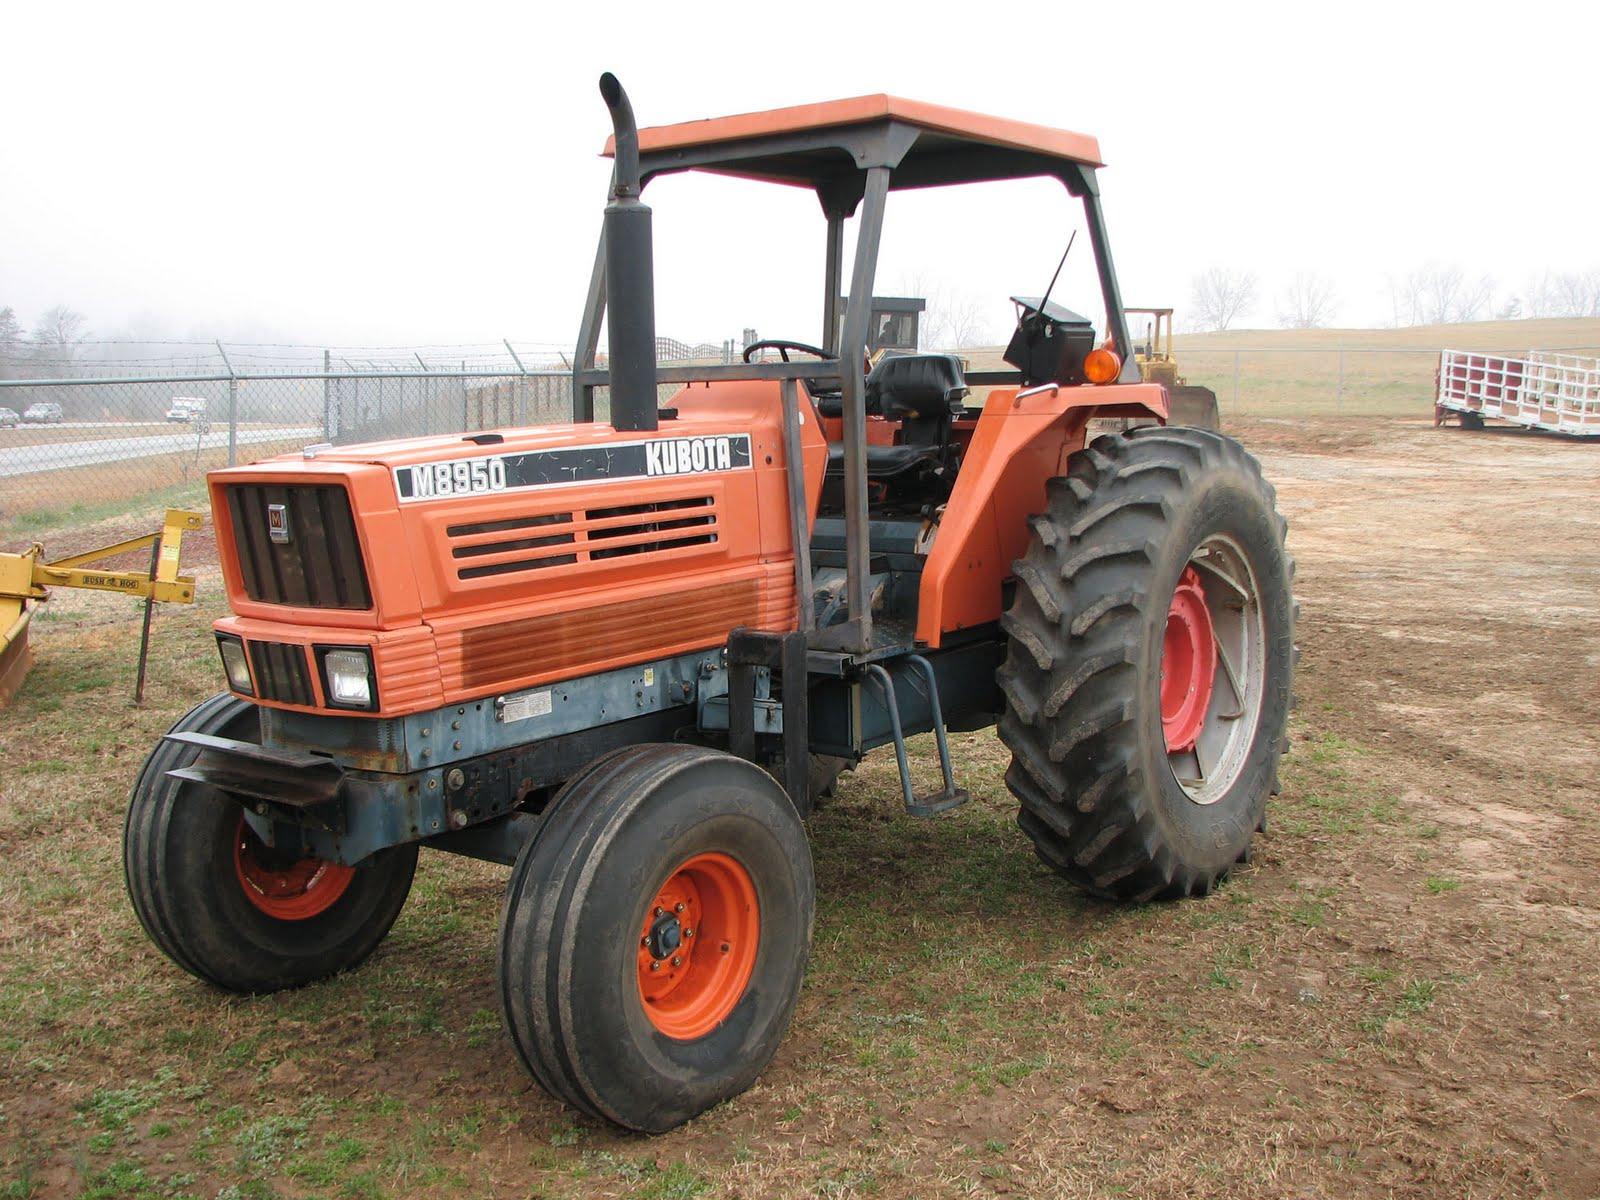 Más que máquinas agrícolas: ¿EL COLOR IMPORTA?